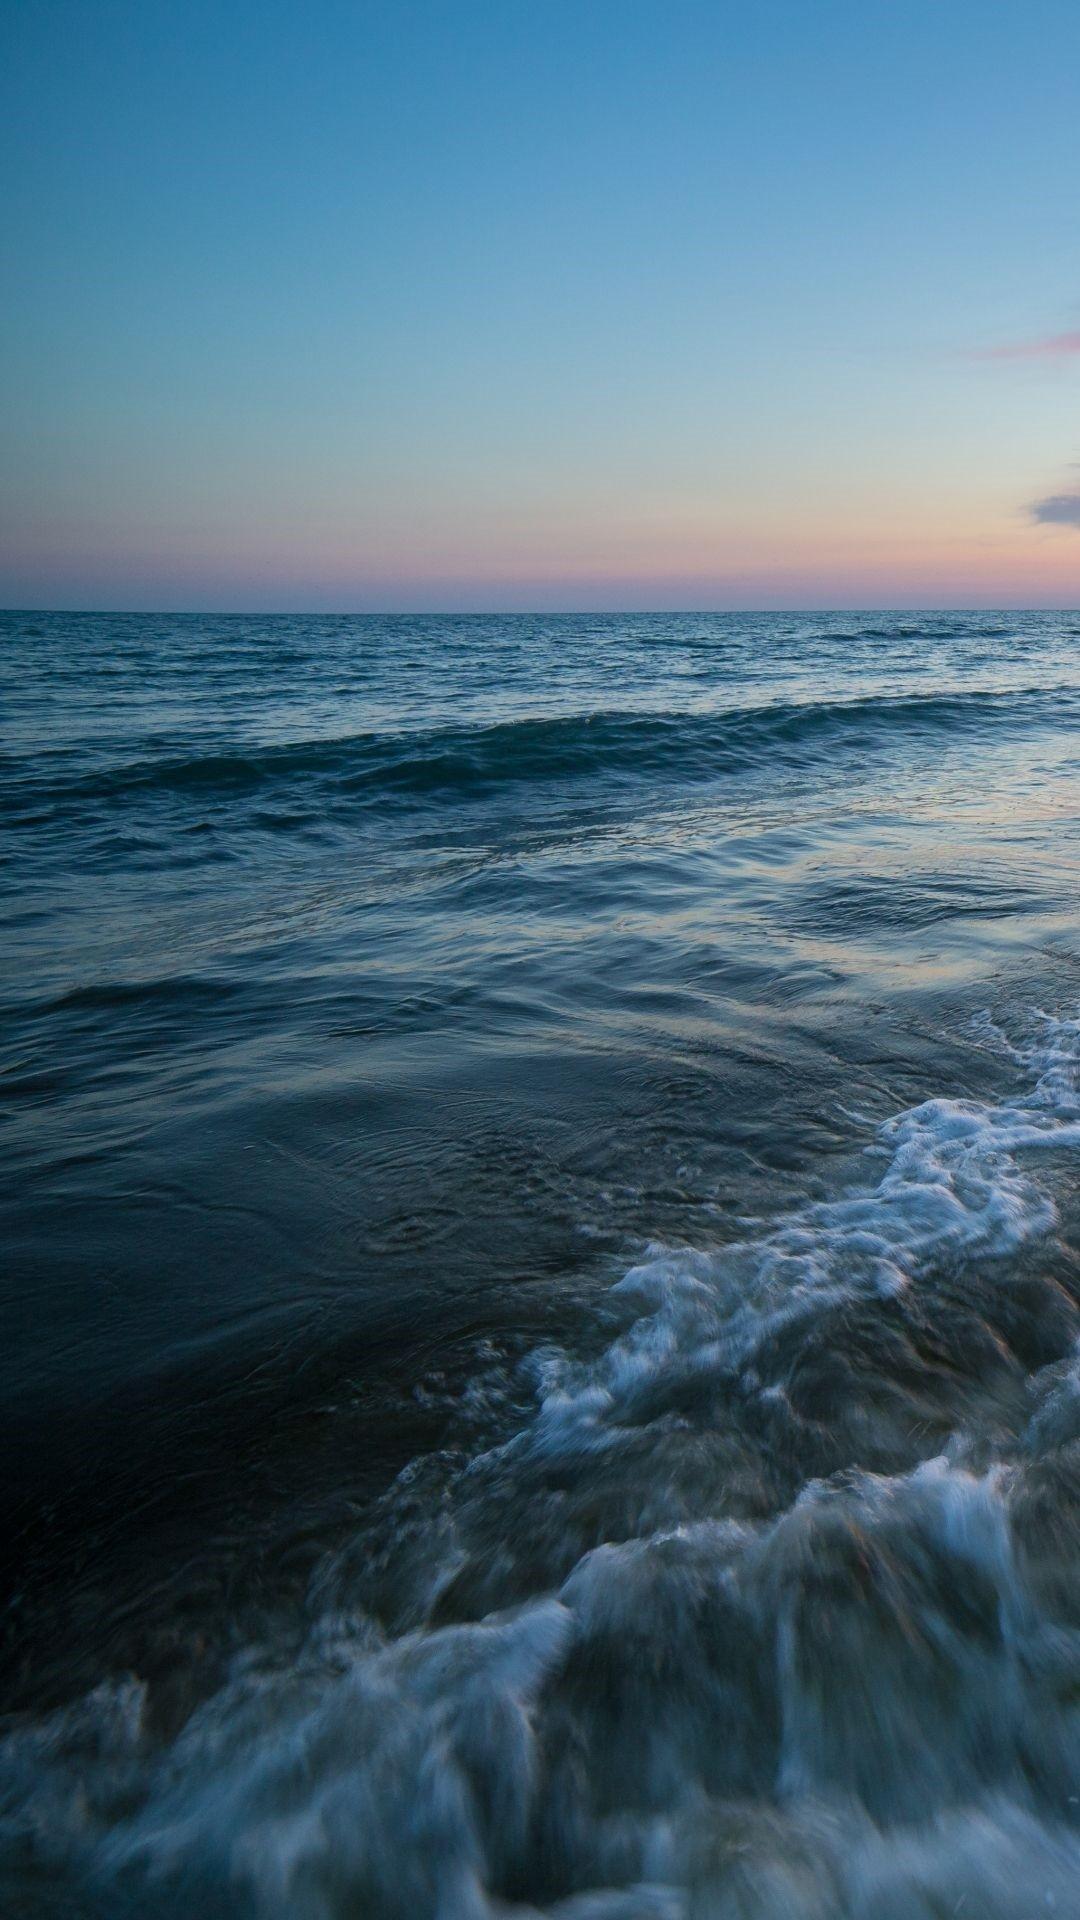 Ocean phone wallpaper hd